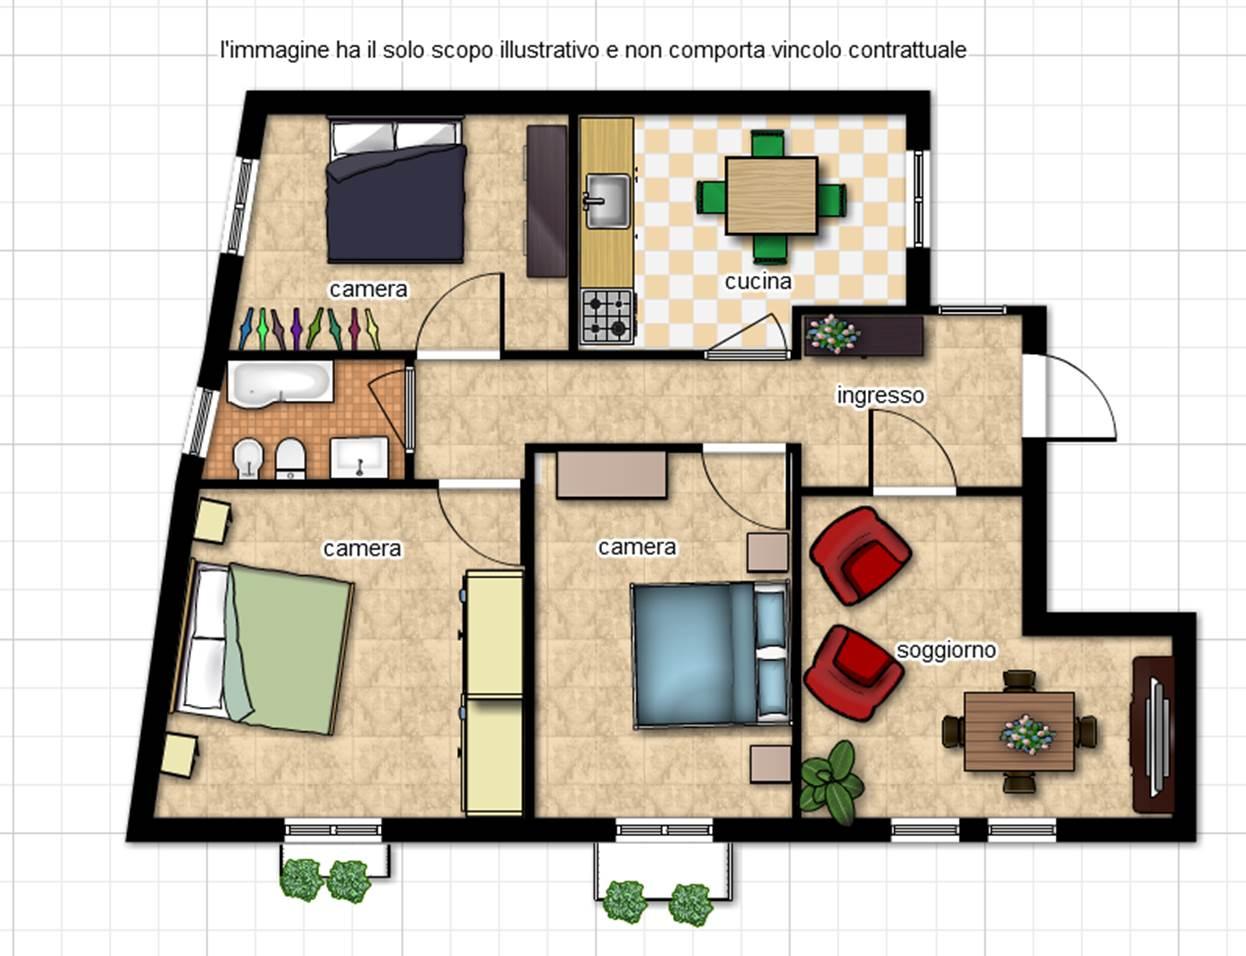 Appartamento in vendita a Viterbo, 4 locali, zona Zona: Centro, prezzo € 80.000   CambioCasa.it